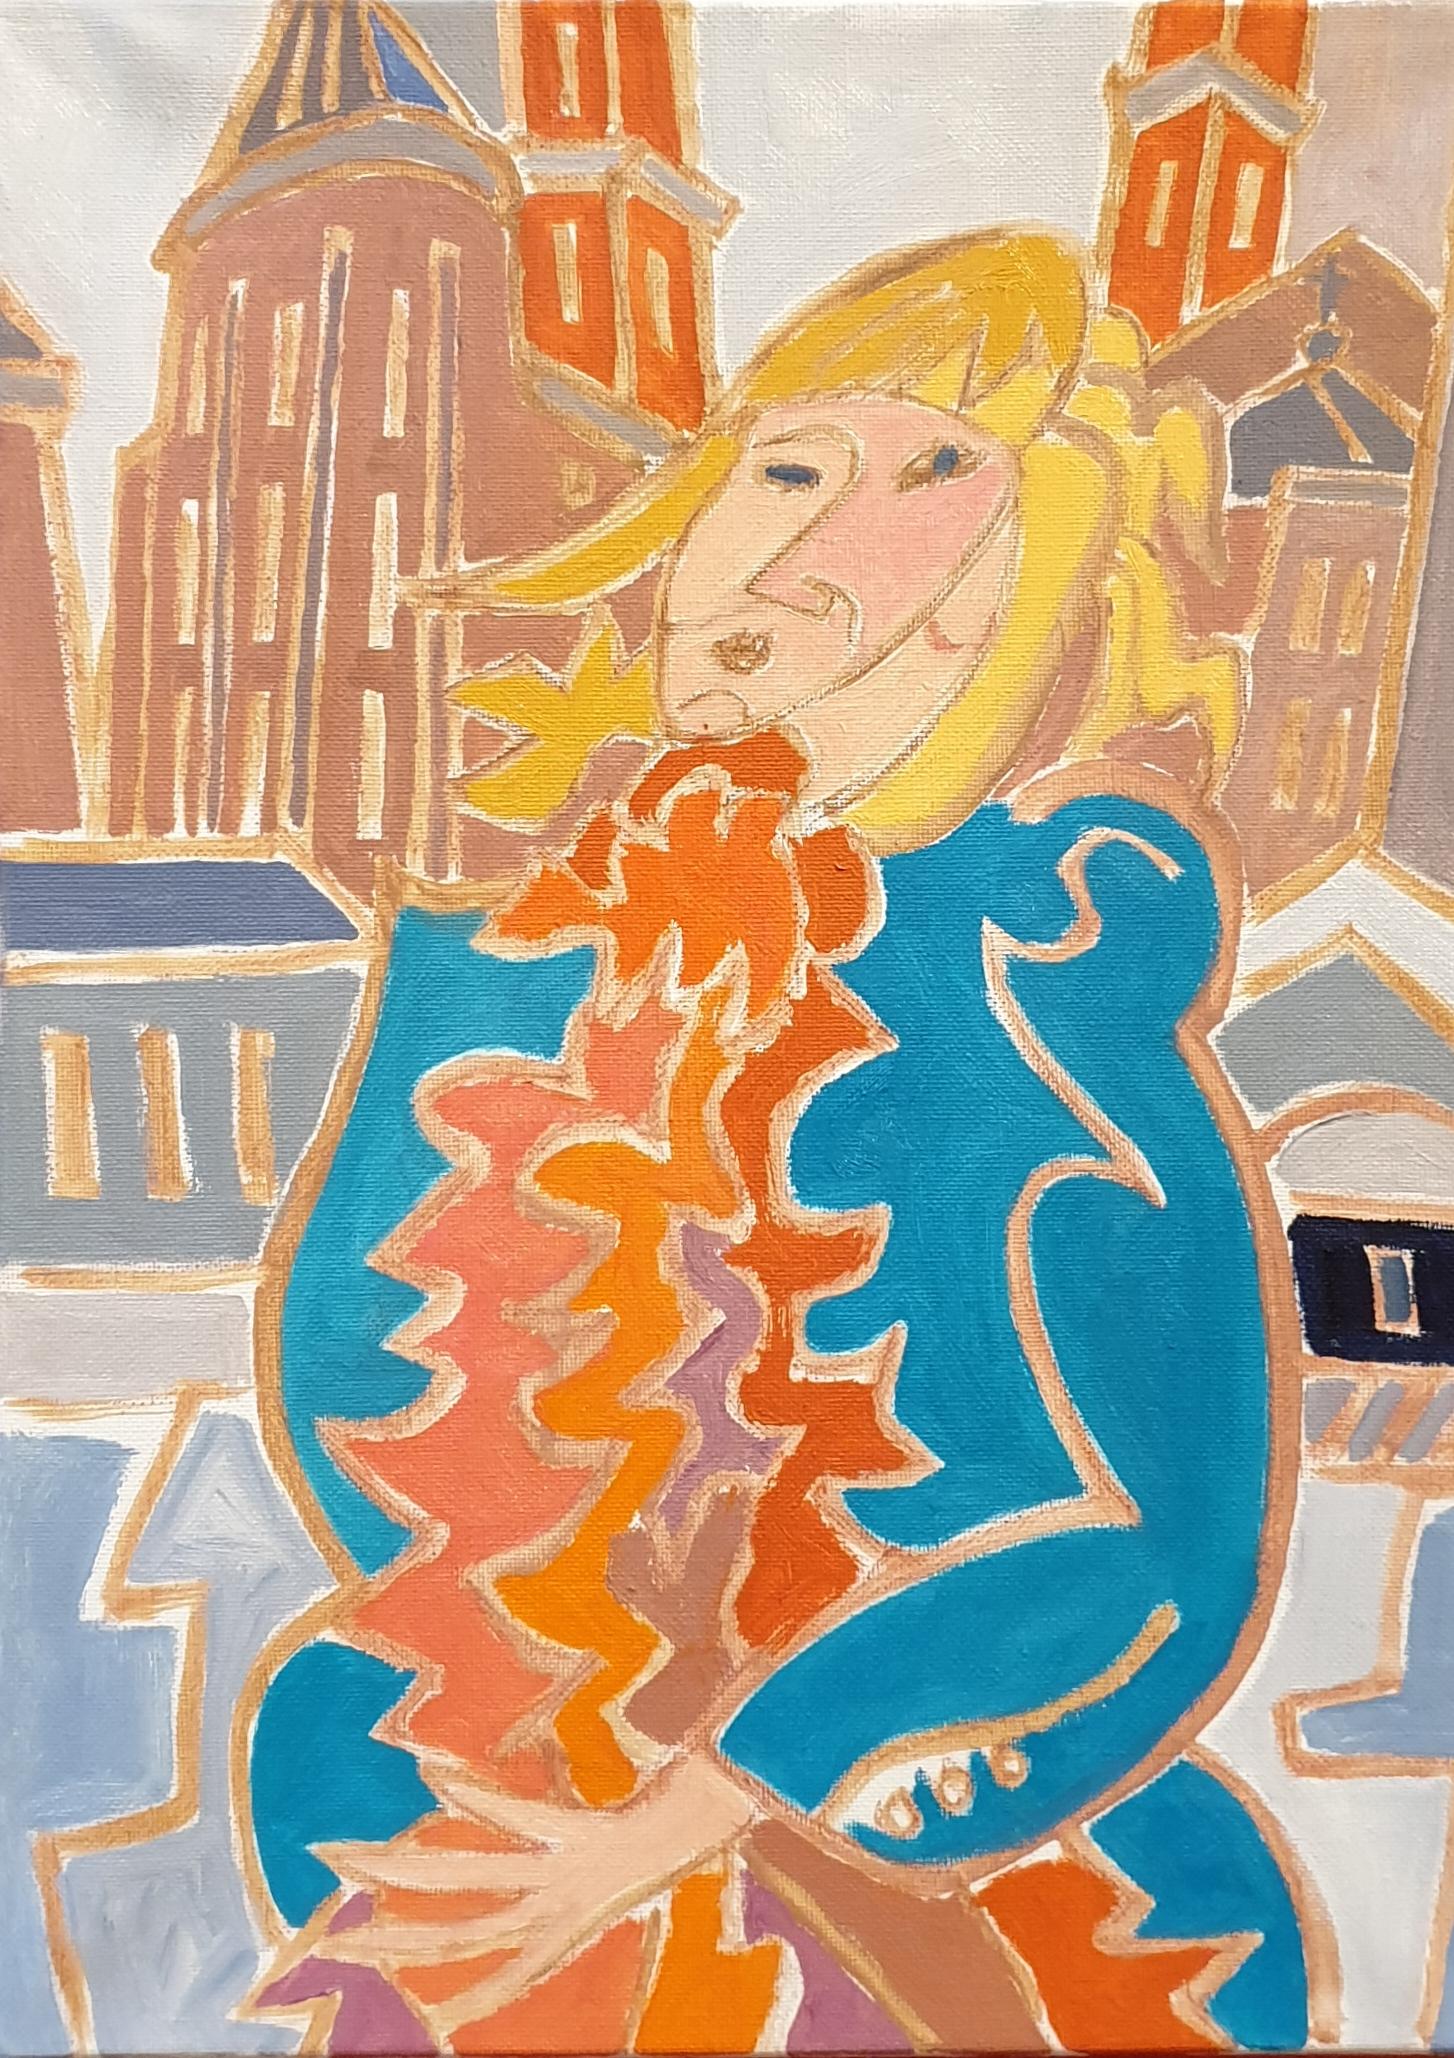 Léa au boa orangé Peinture de Henri LANDIER 2020 41x33 cm Prix : 4 600 €